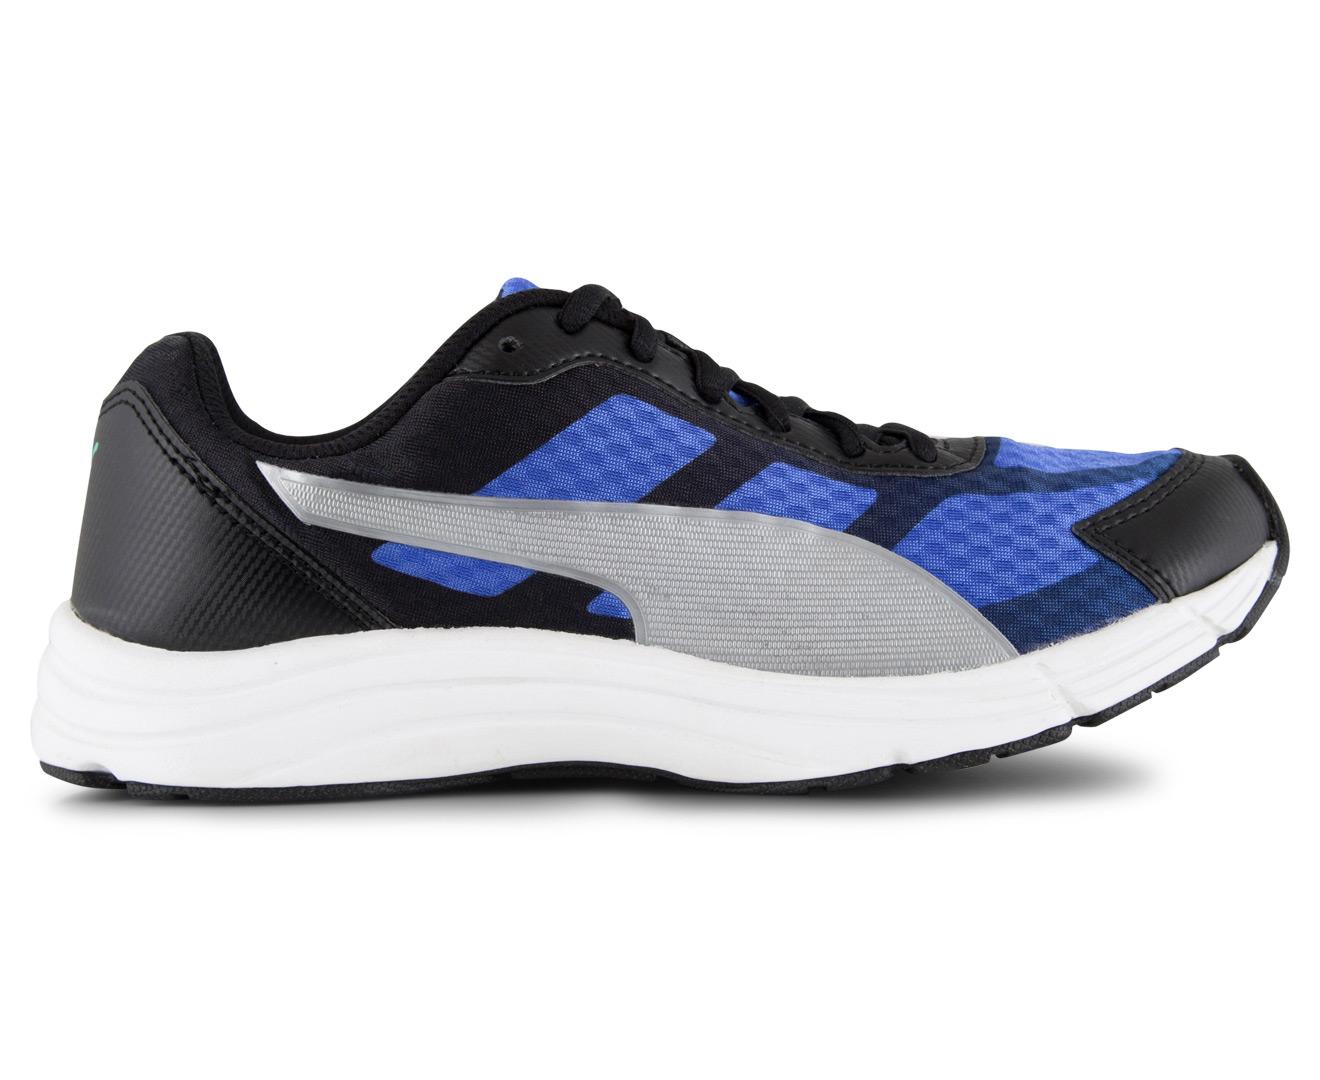 Puma Womens Expedite Shoes